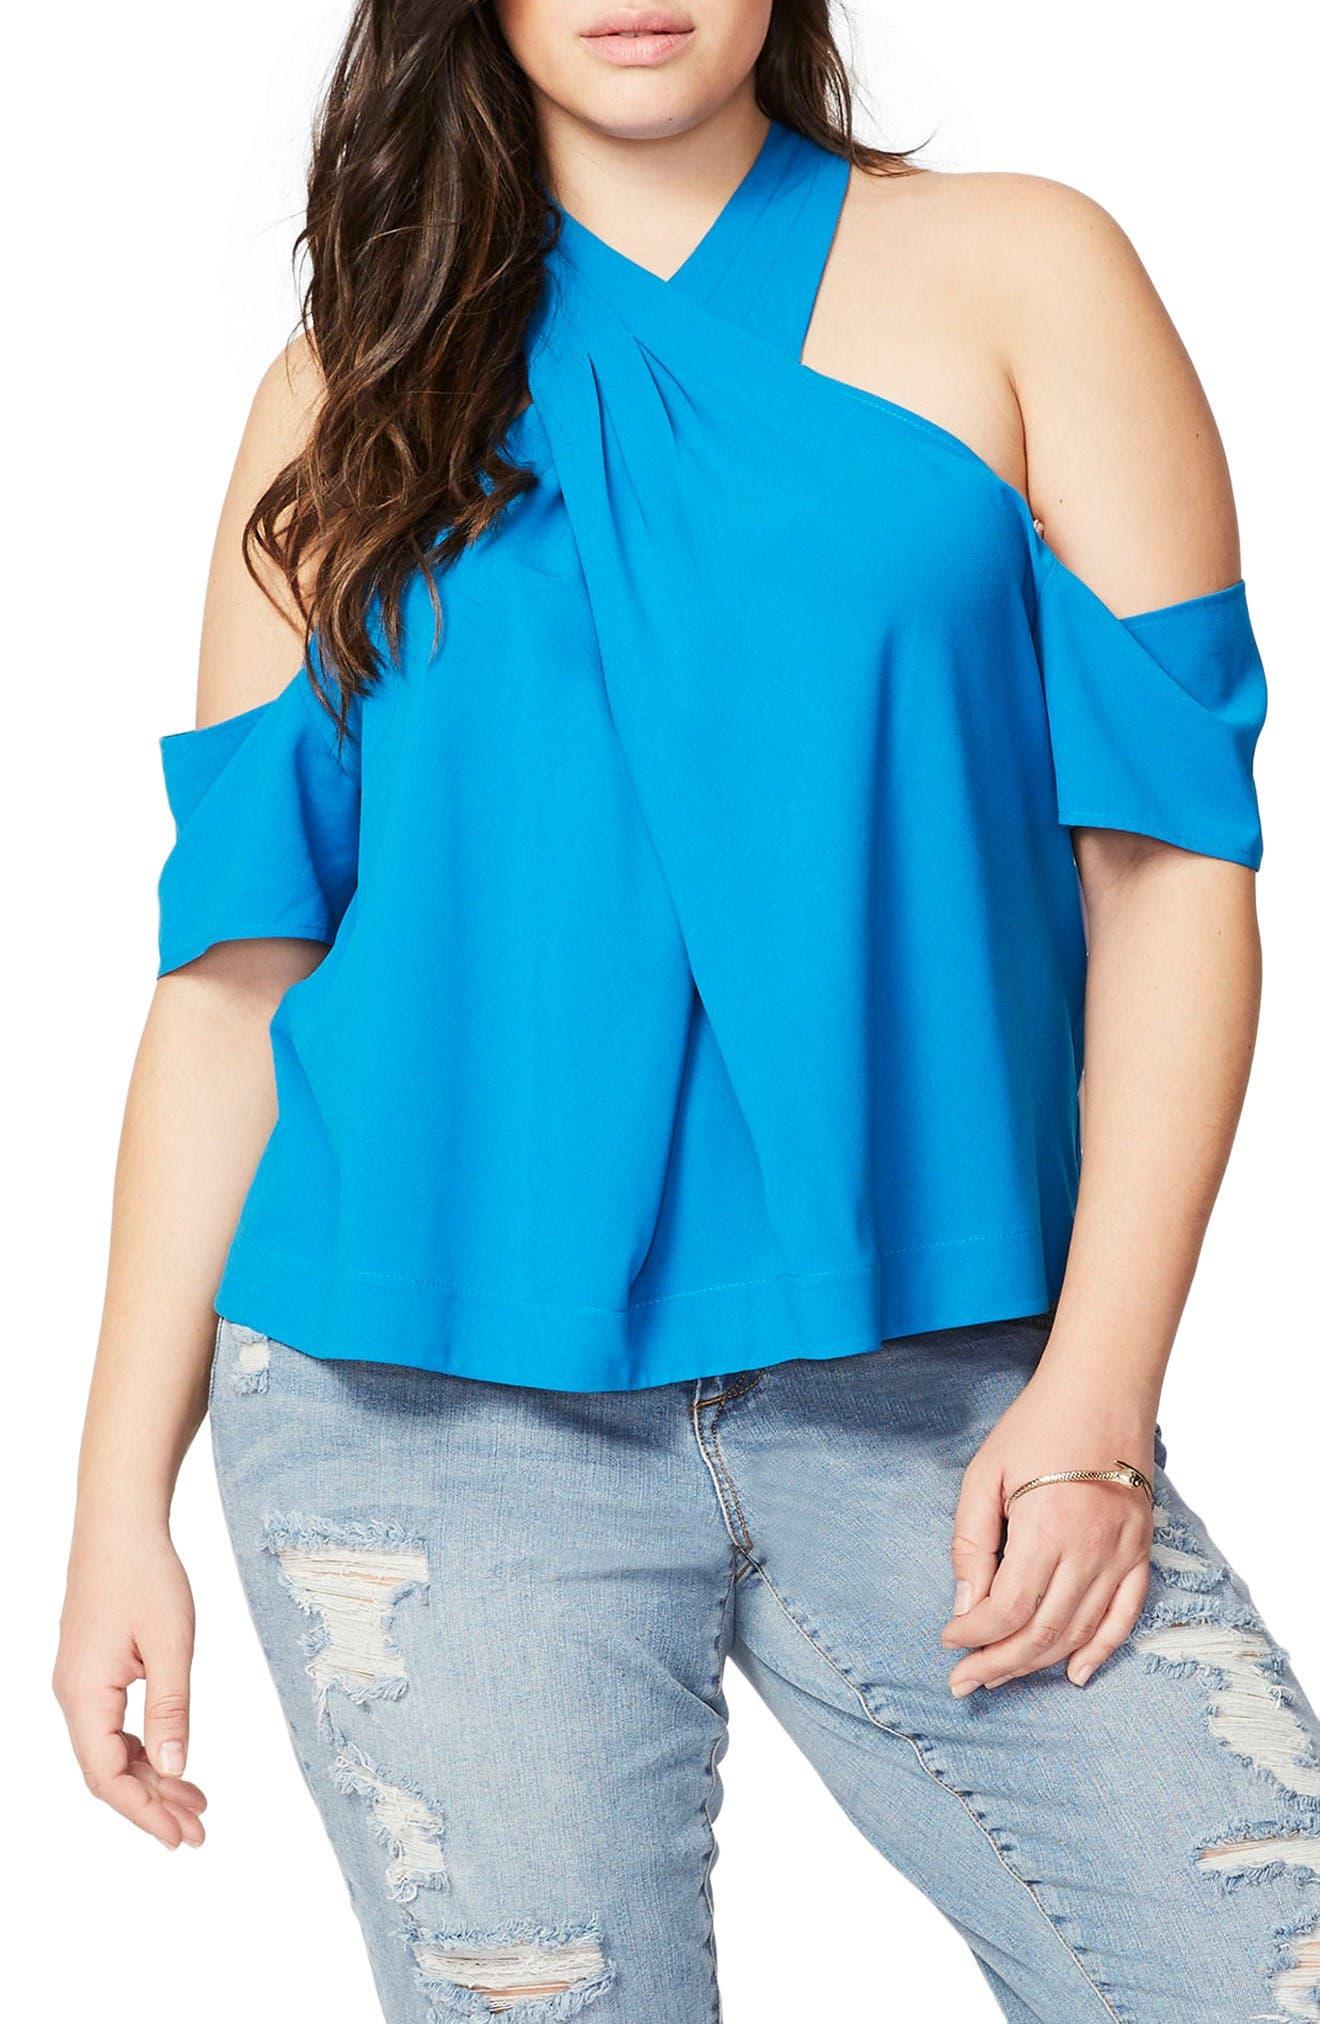 Alternate Image 1 Selected - Rachel Roy Cold Shoulder Crisscross Top (Plus Size)